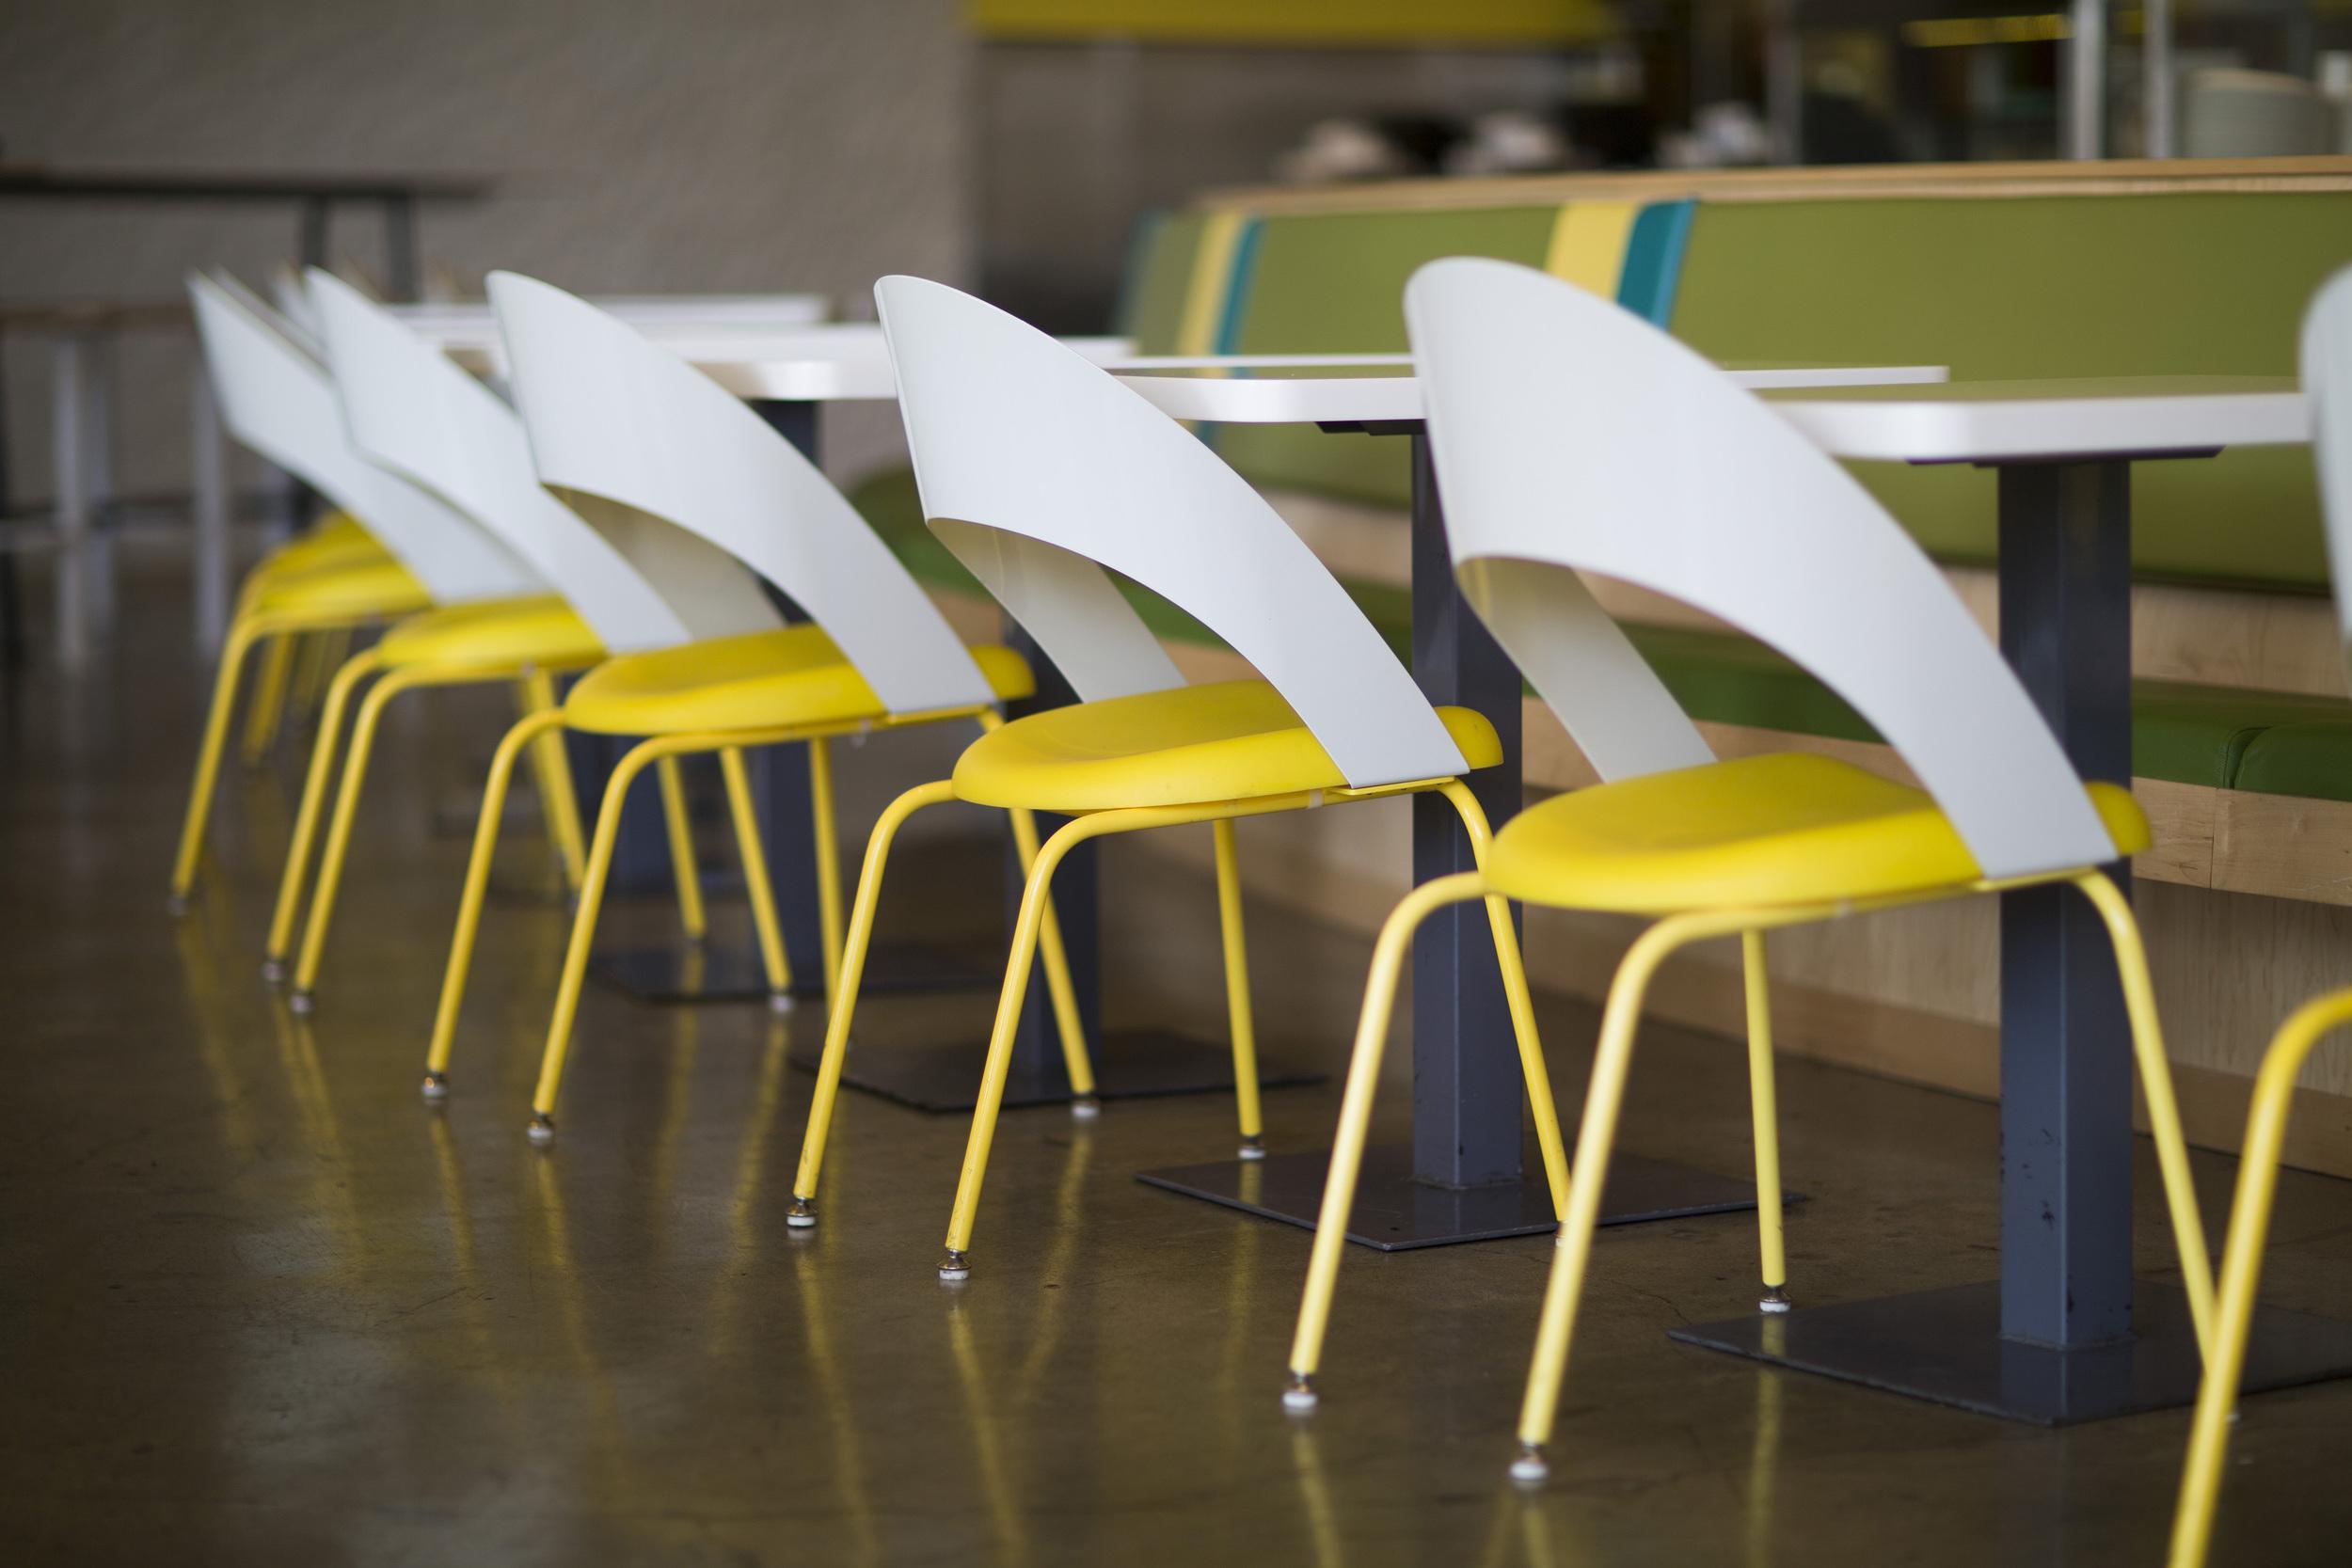 Custom IDV Chairs for Lemonade